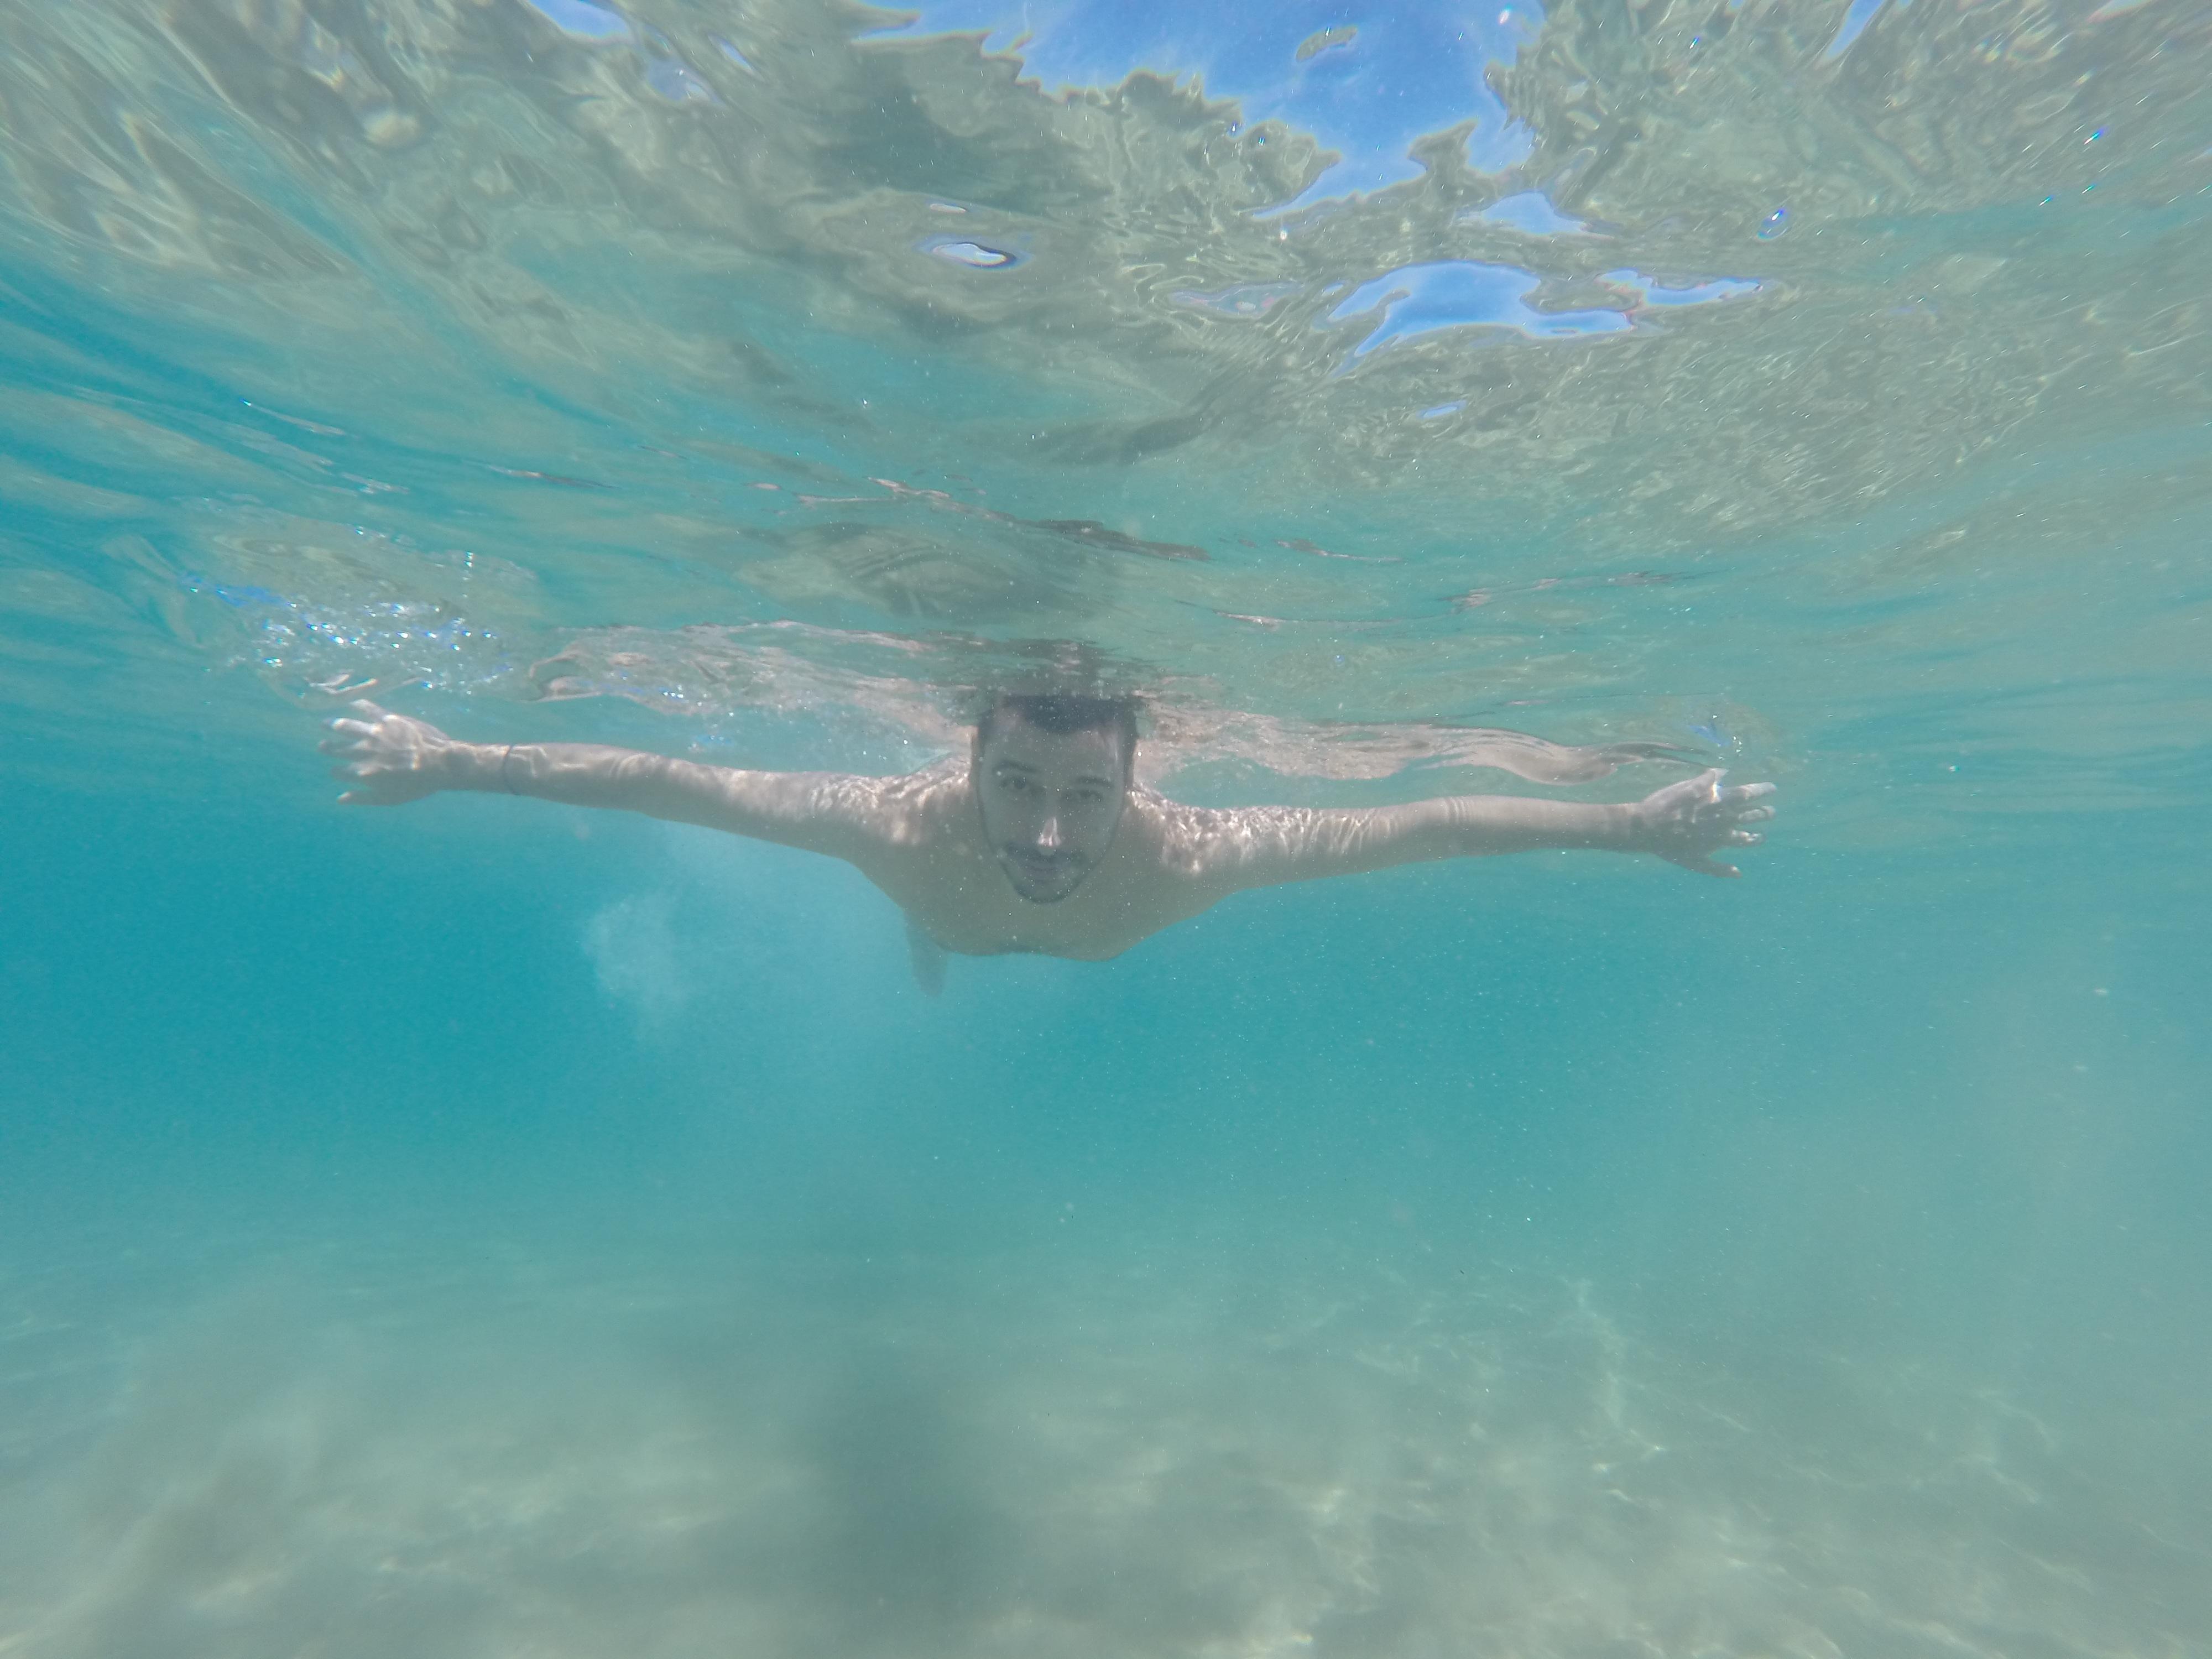 Free Images : sea, sand, ocean, people, diving, pool ...